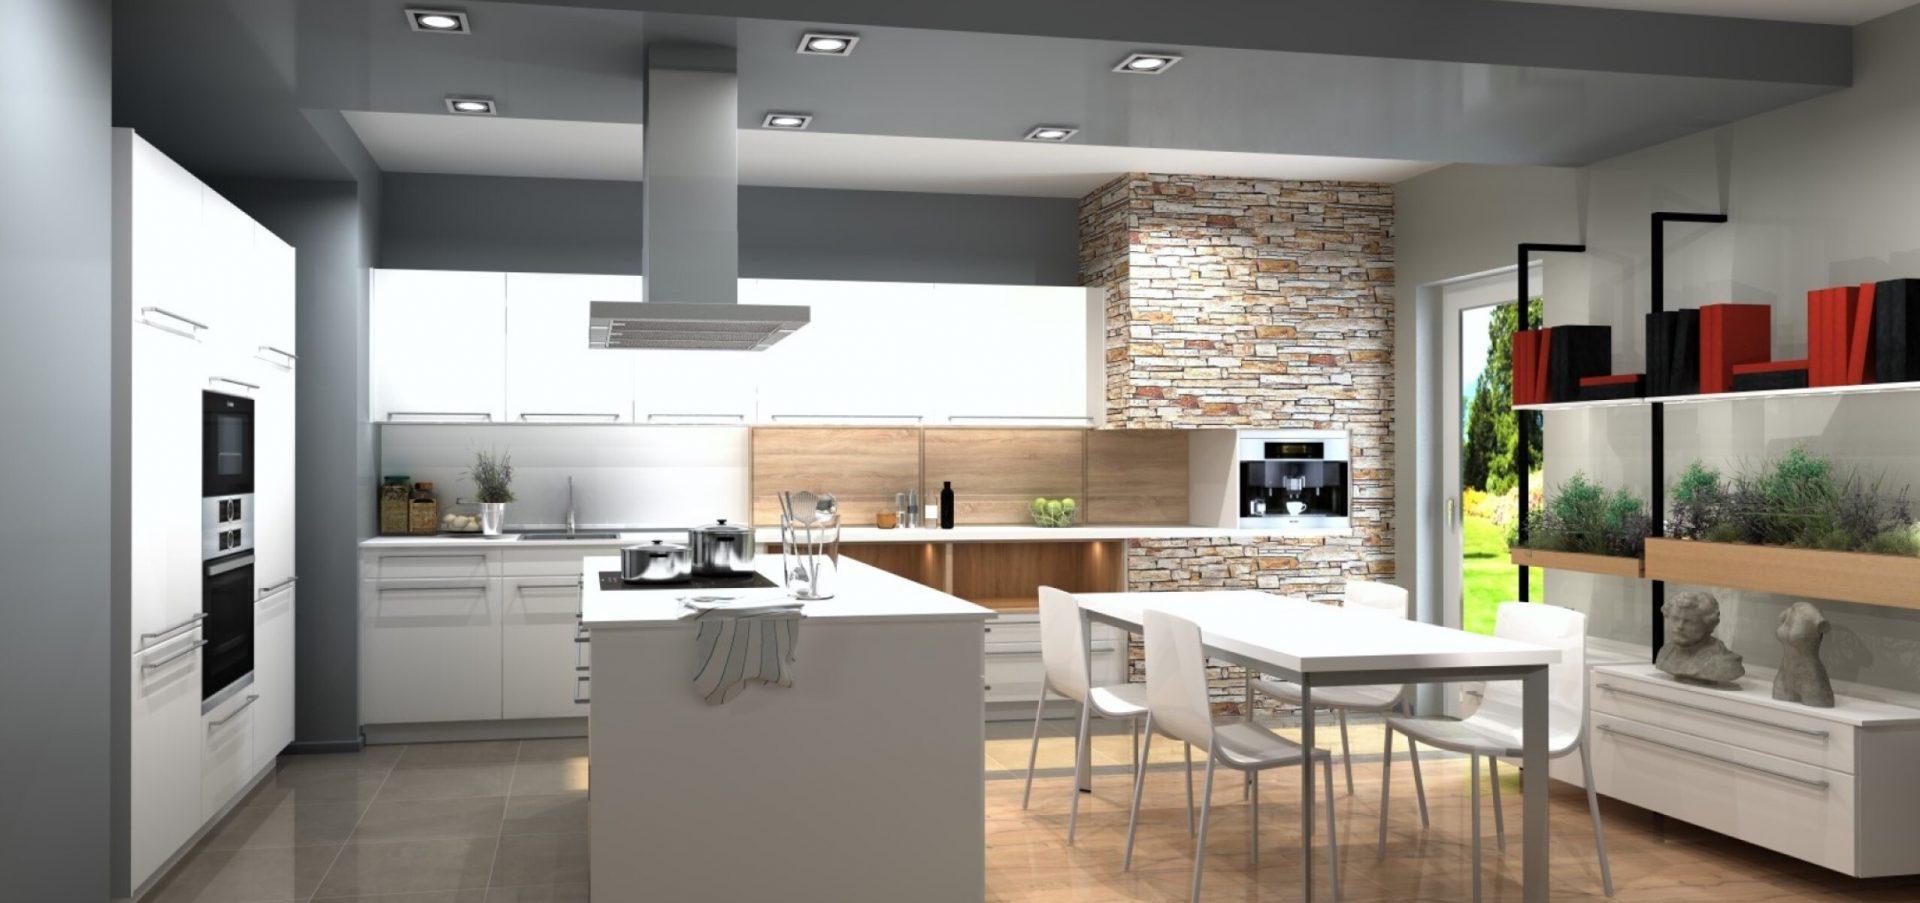 Winner Design 12 Update Kitchen Cad Software Compusoft